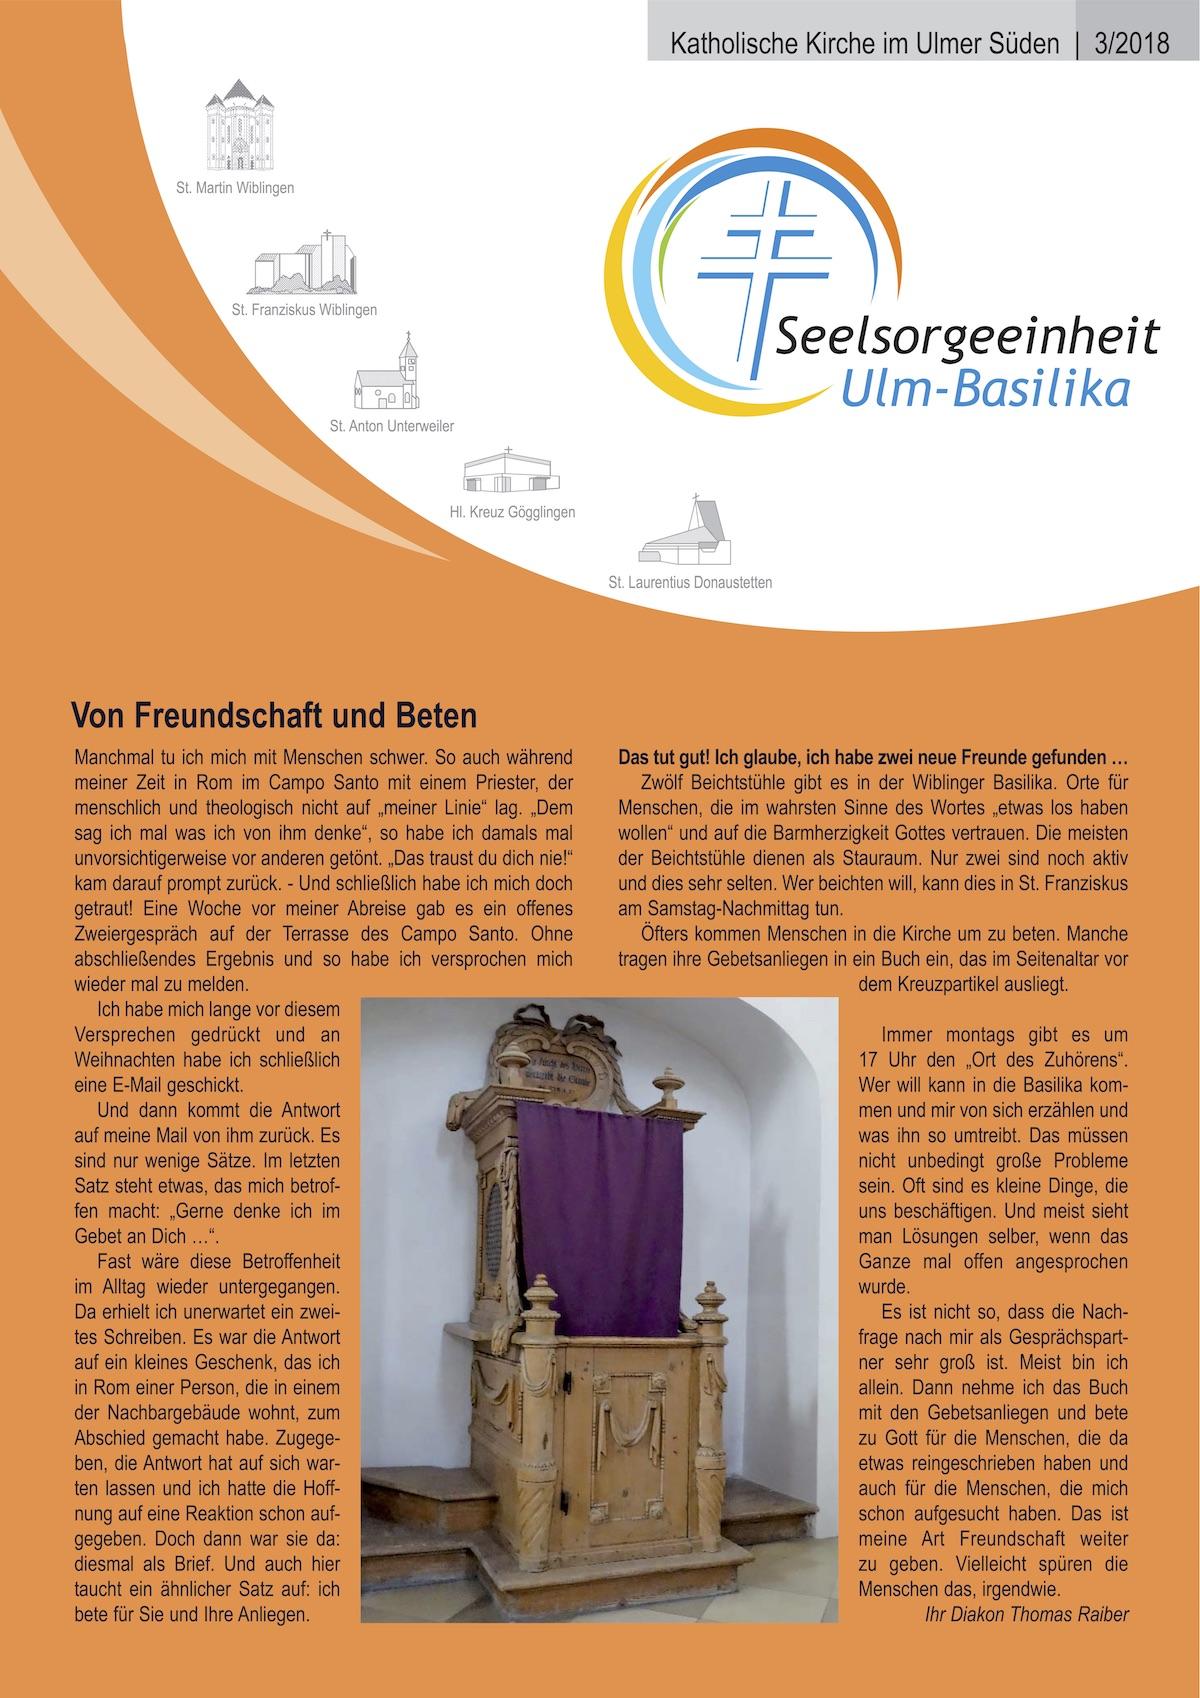 Katholische Kirche im Ulmer Süden 3-2018